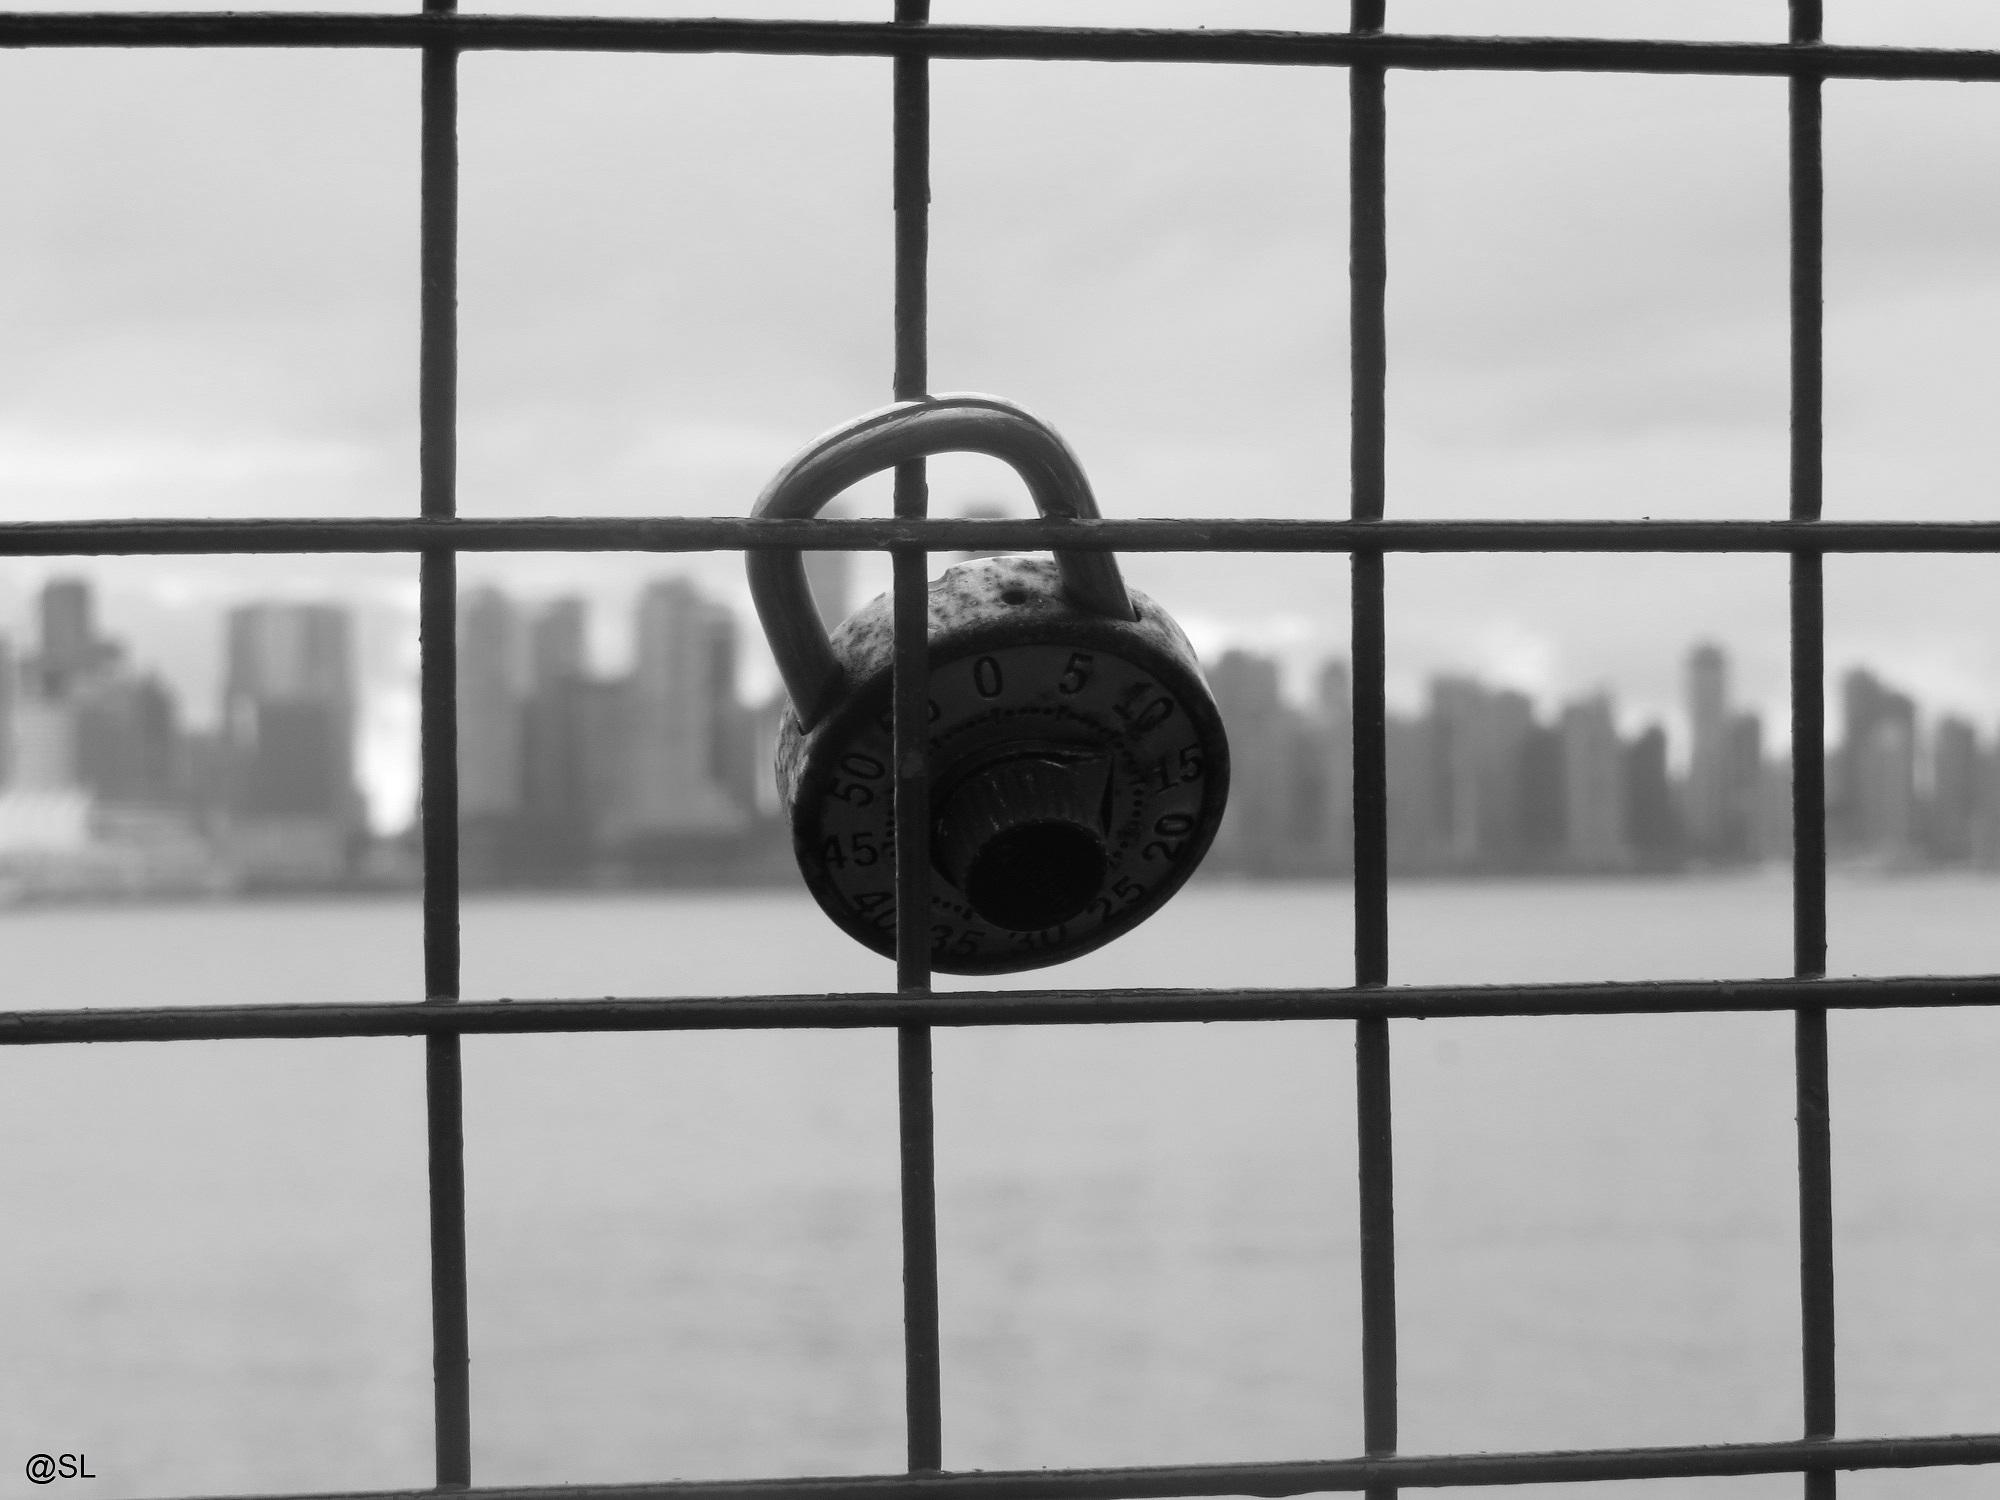 Lock in black